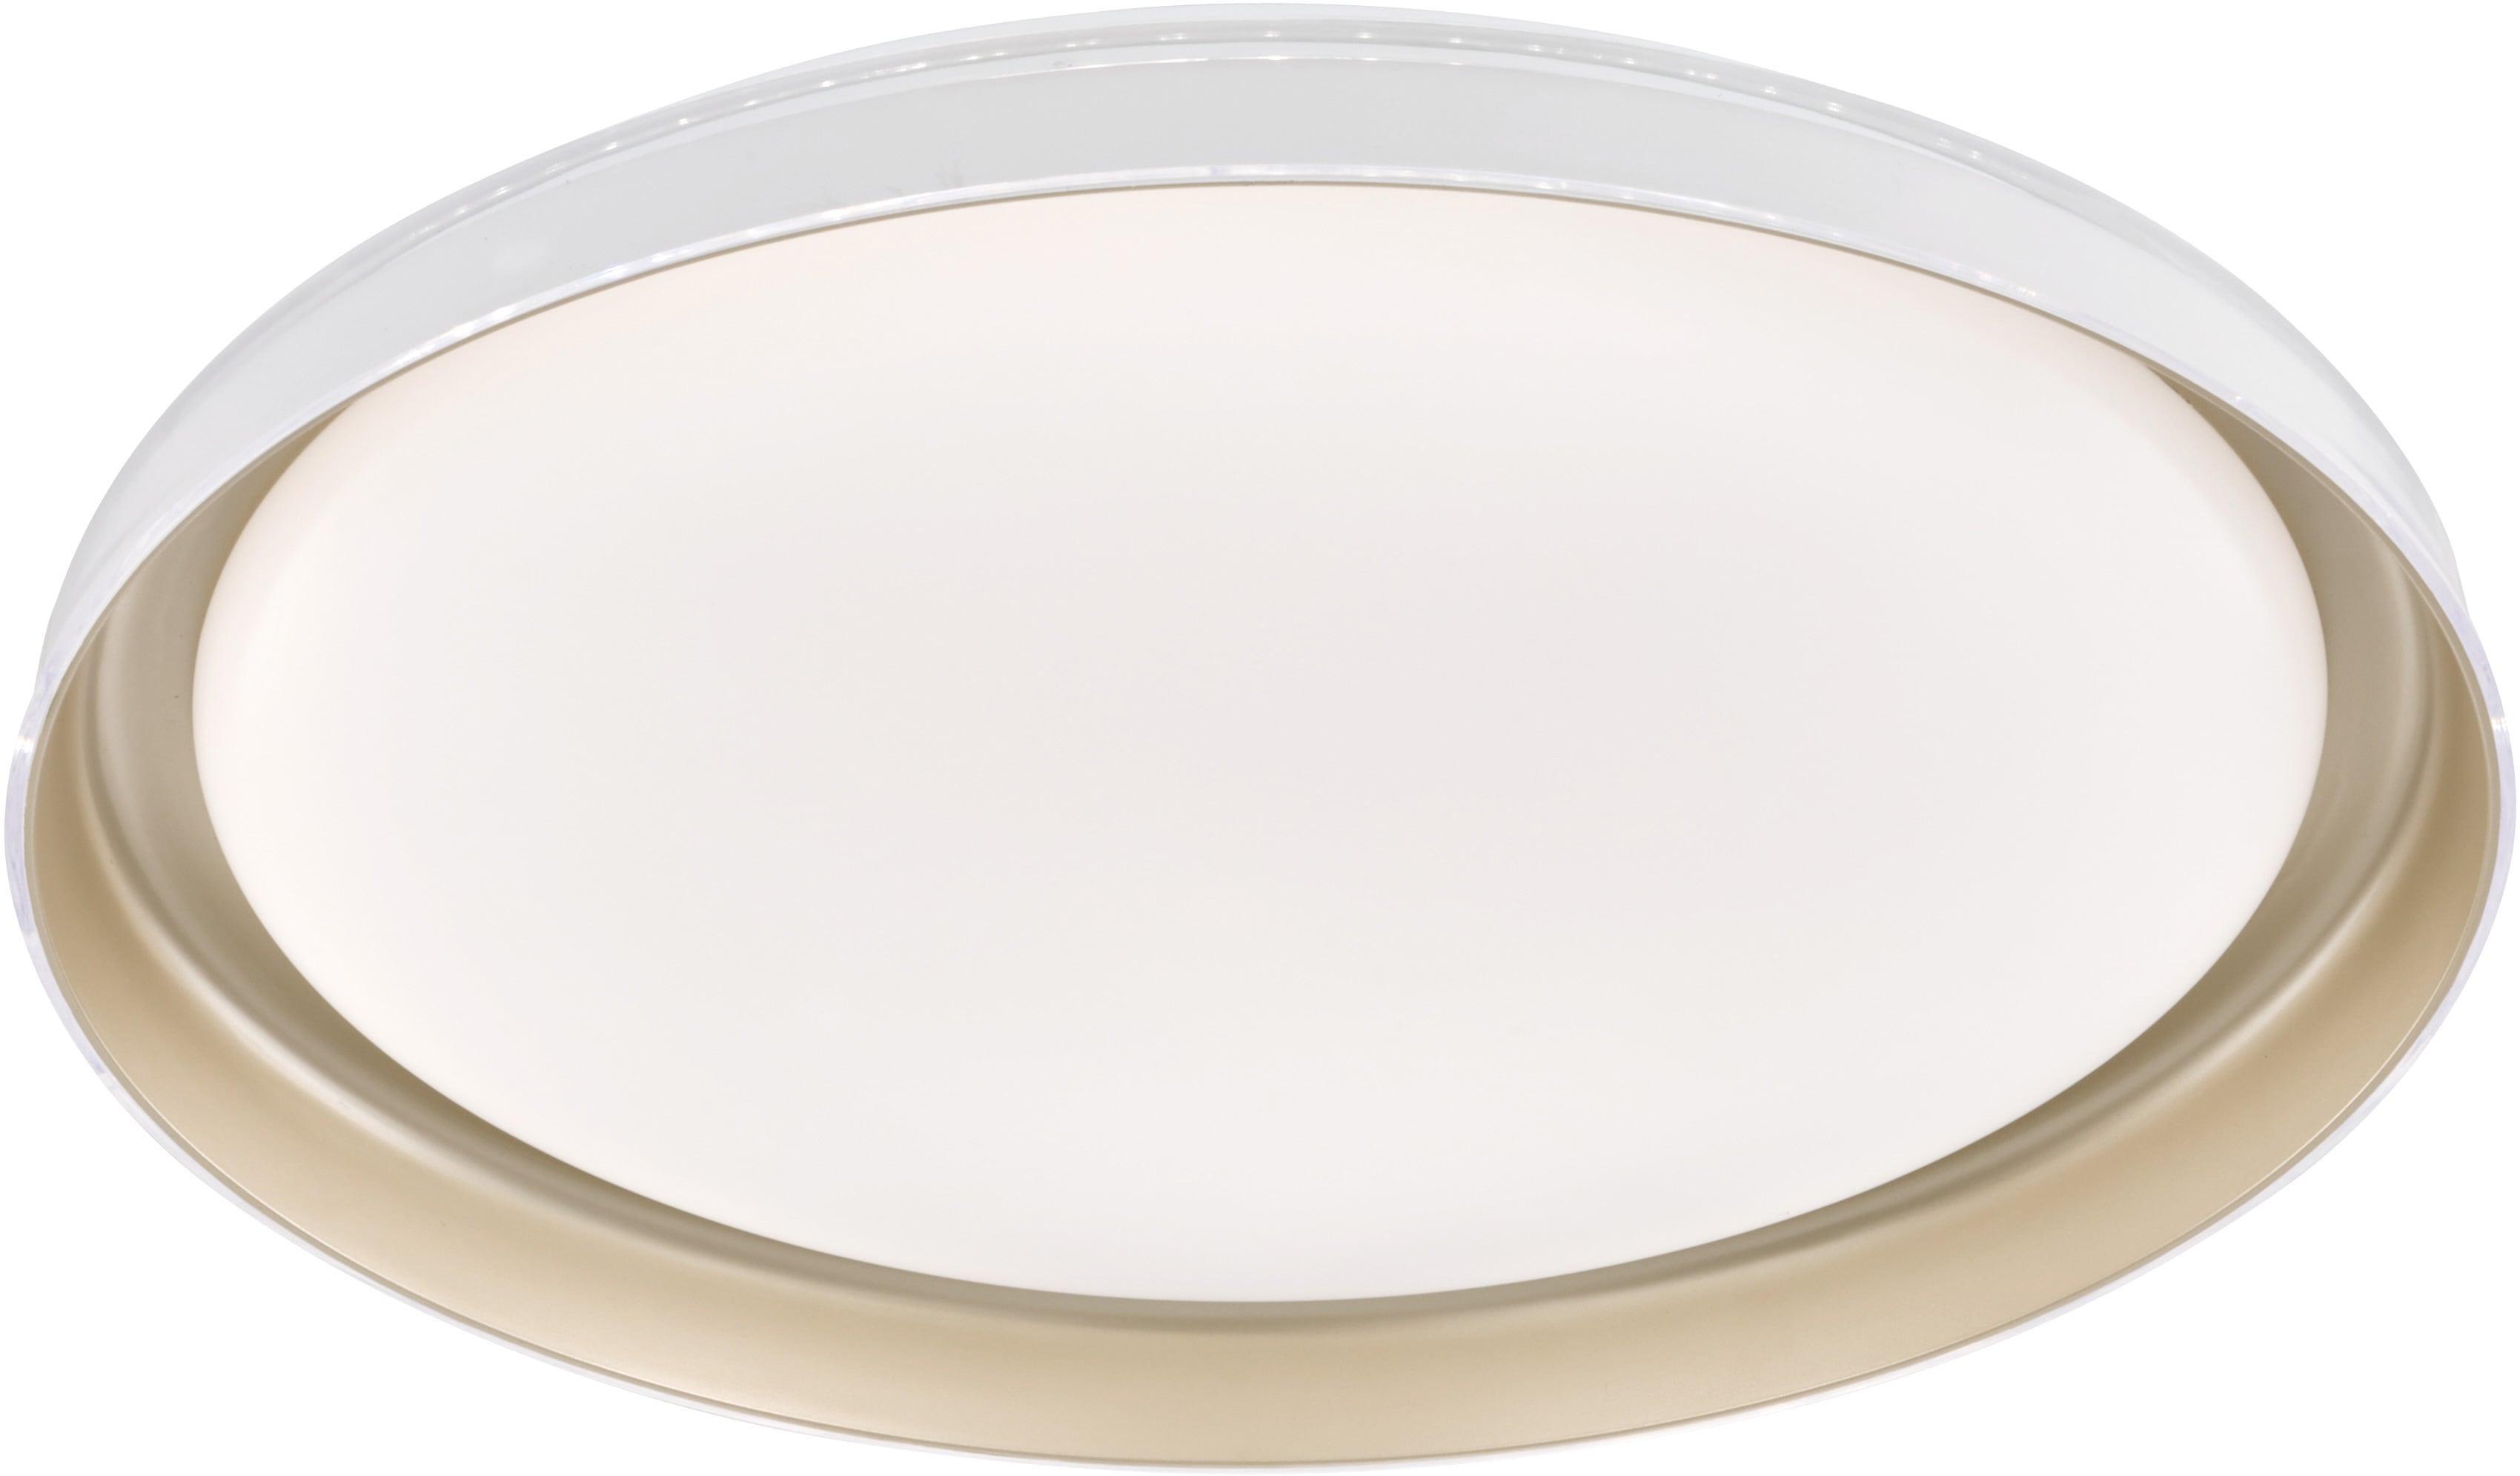 FISCHER & HONSEL LED Deckenleuchte Rilla, LED-Modul, Warmweiß